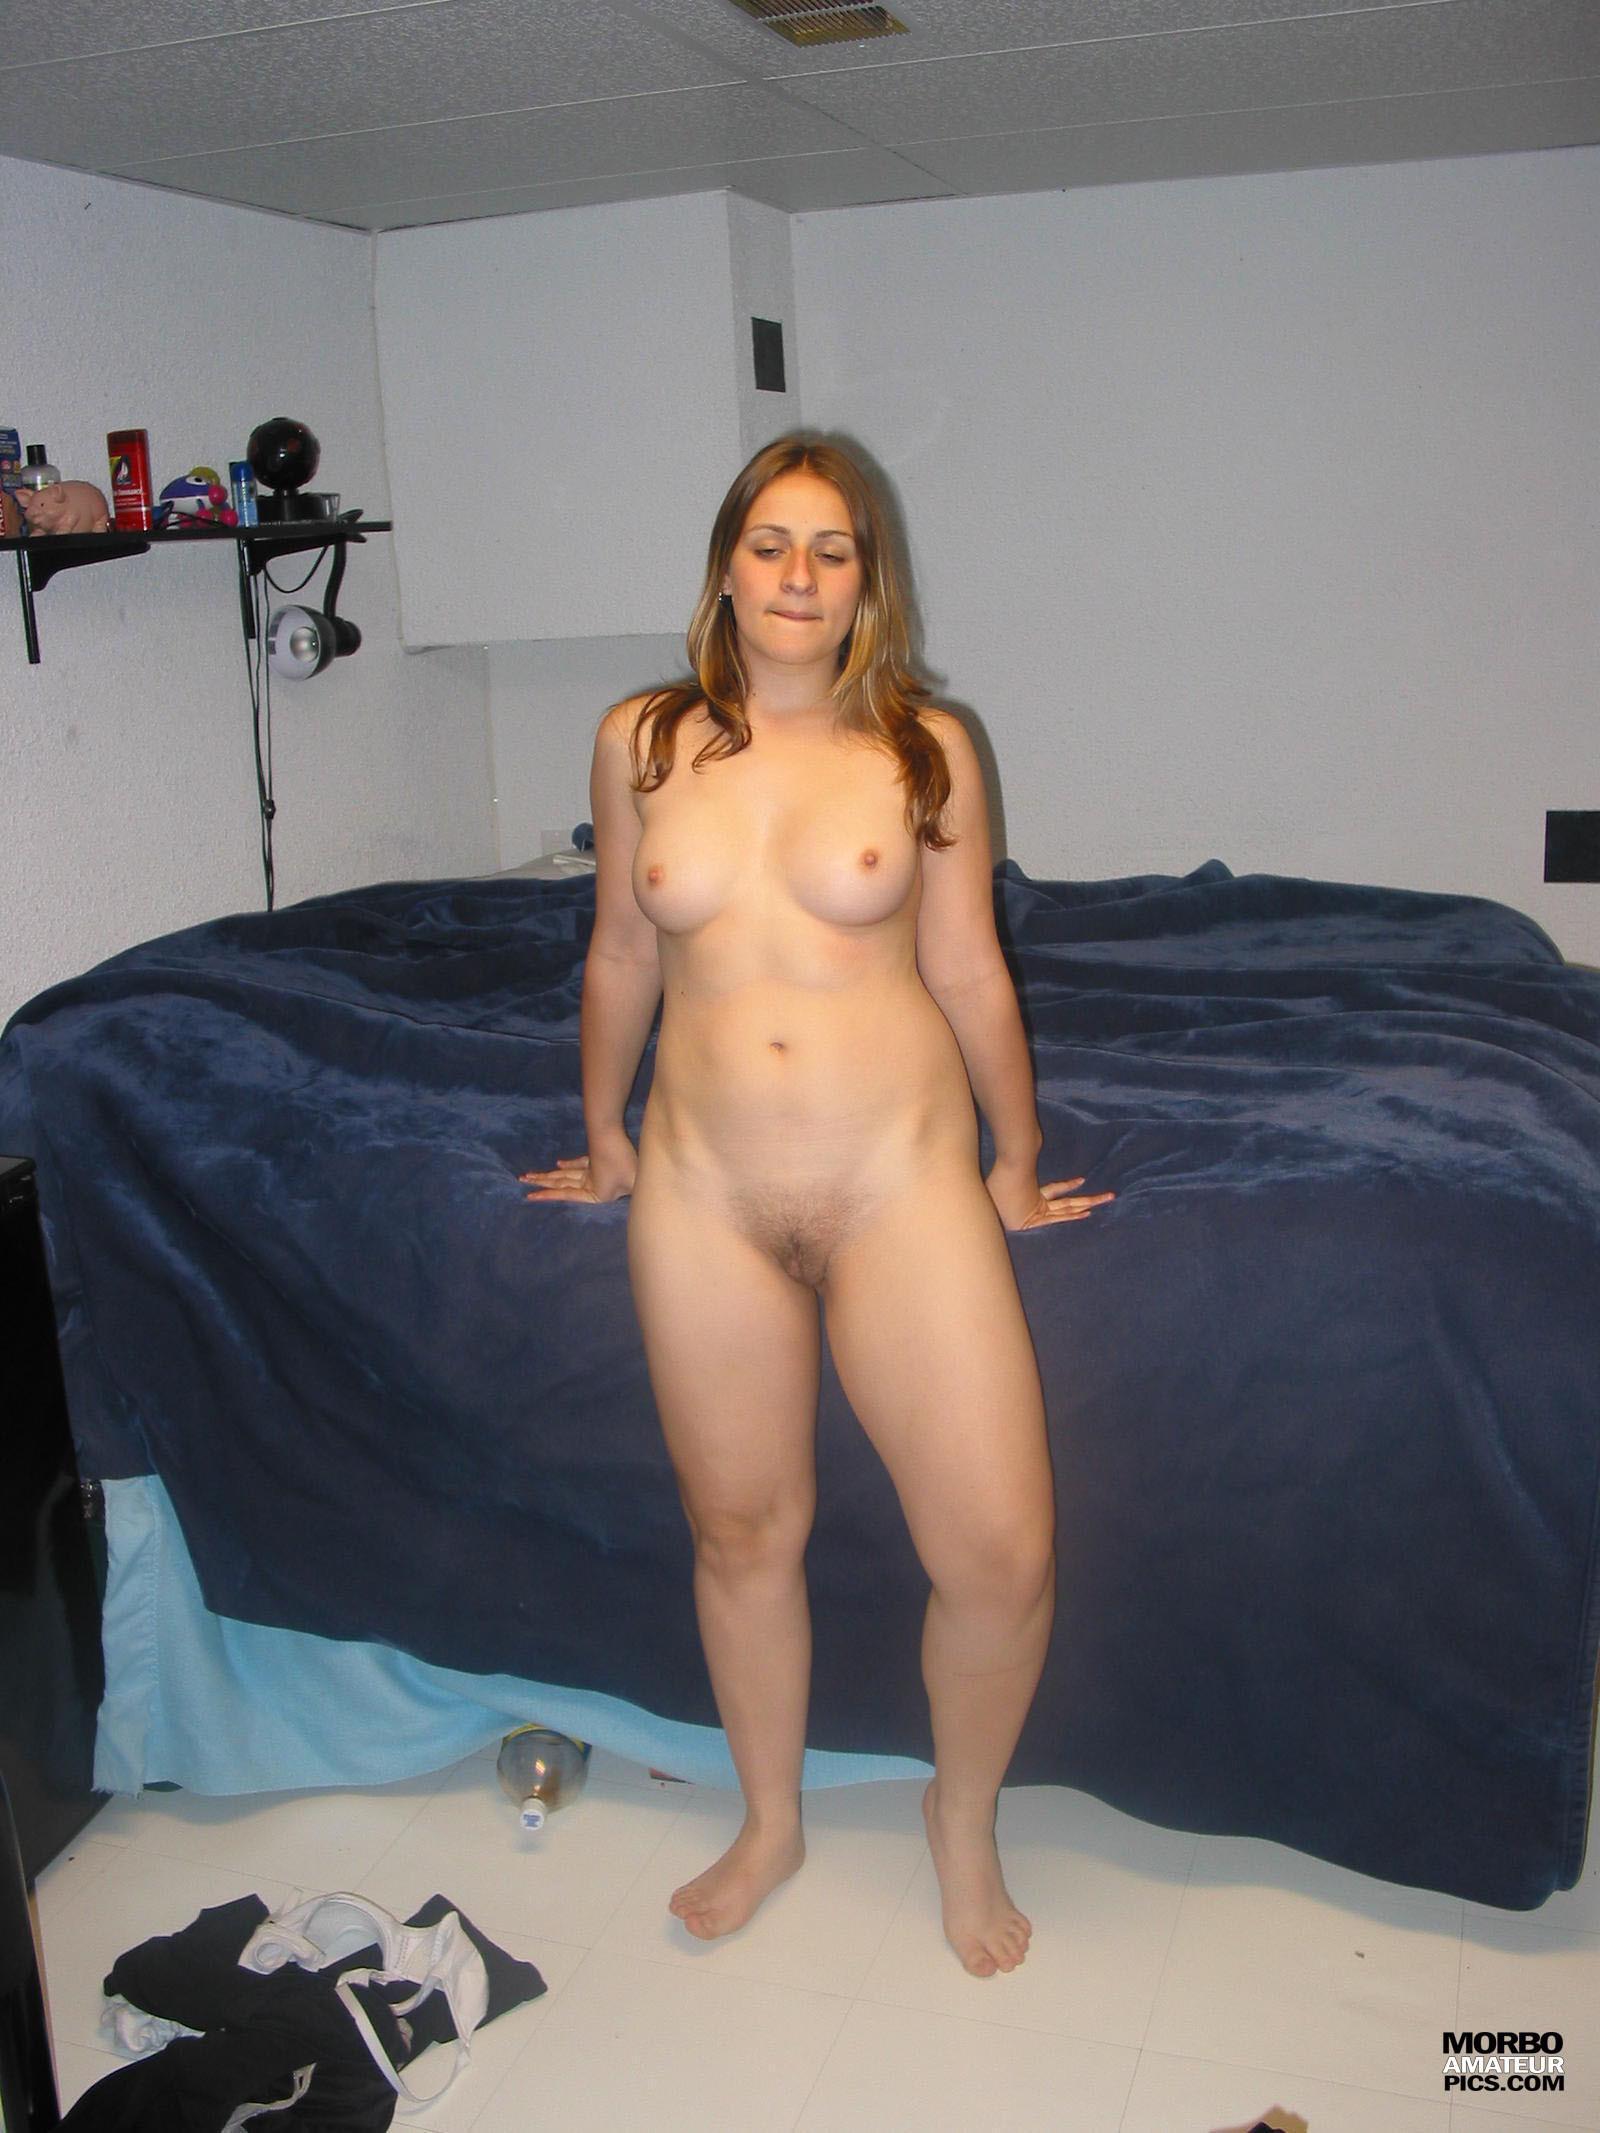 Слегка пухлая девушка из Аргентины нежно сосет член